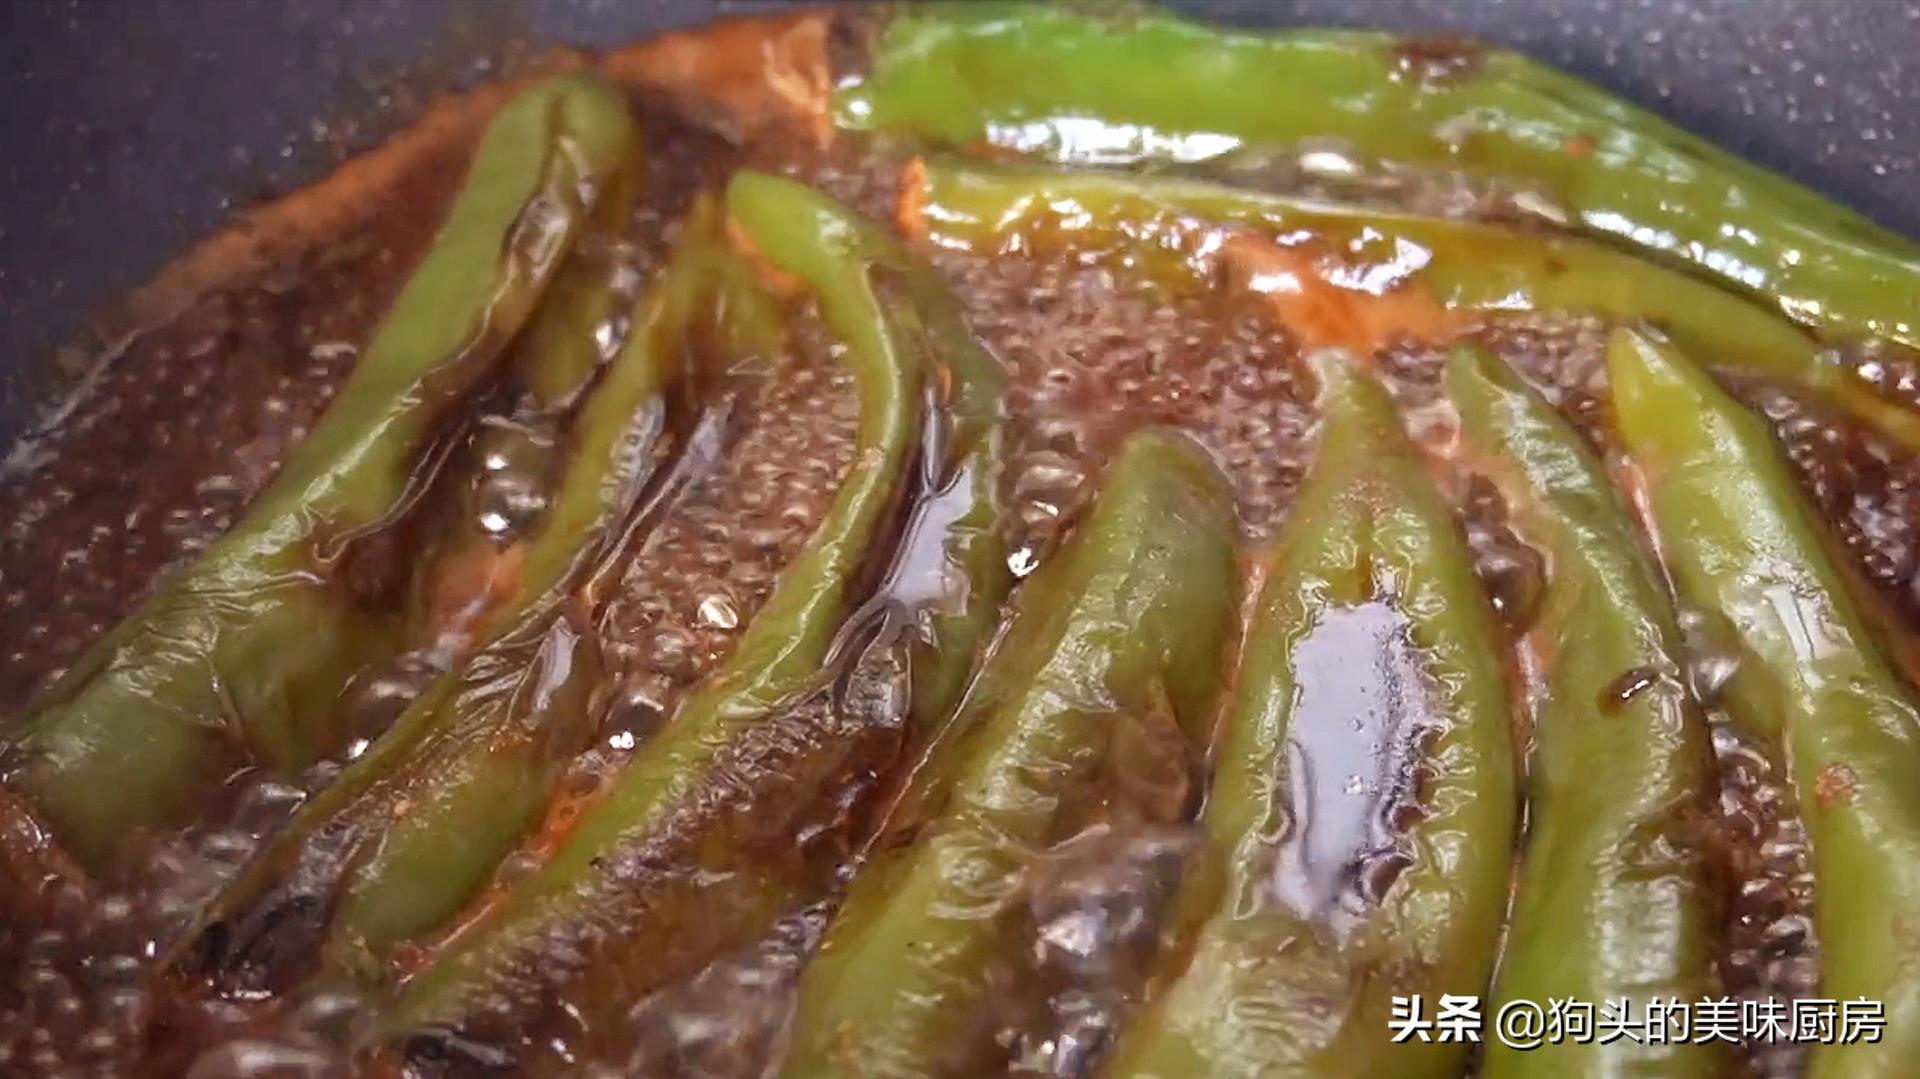 青椒最近火了,试试这样做,饭店卖38,自制成本低一半,真解馋 美食做法 第16张